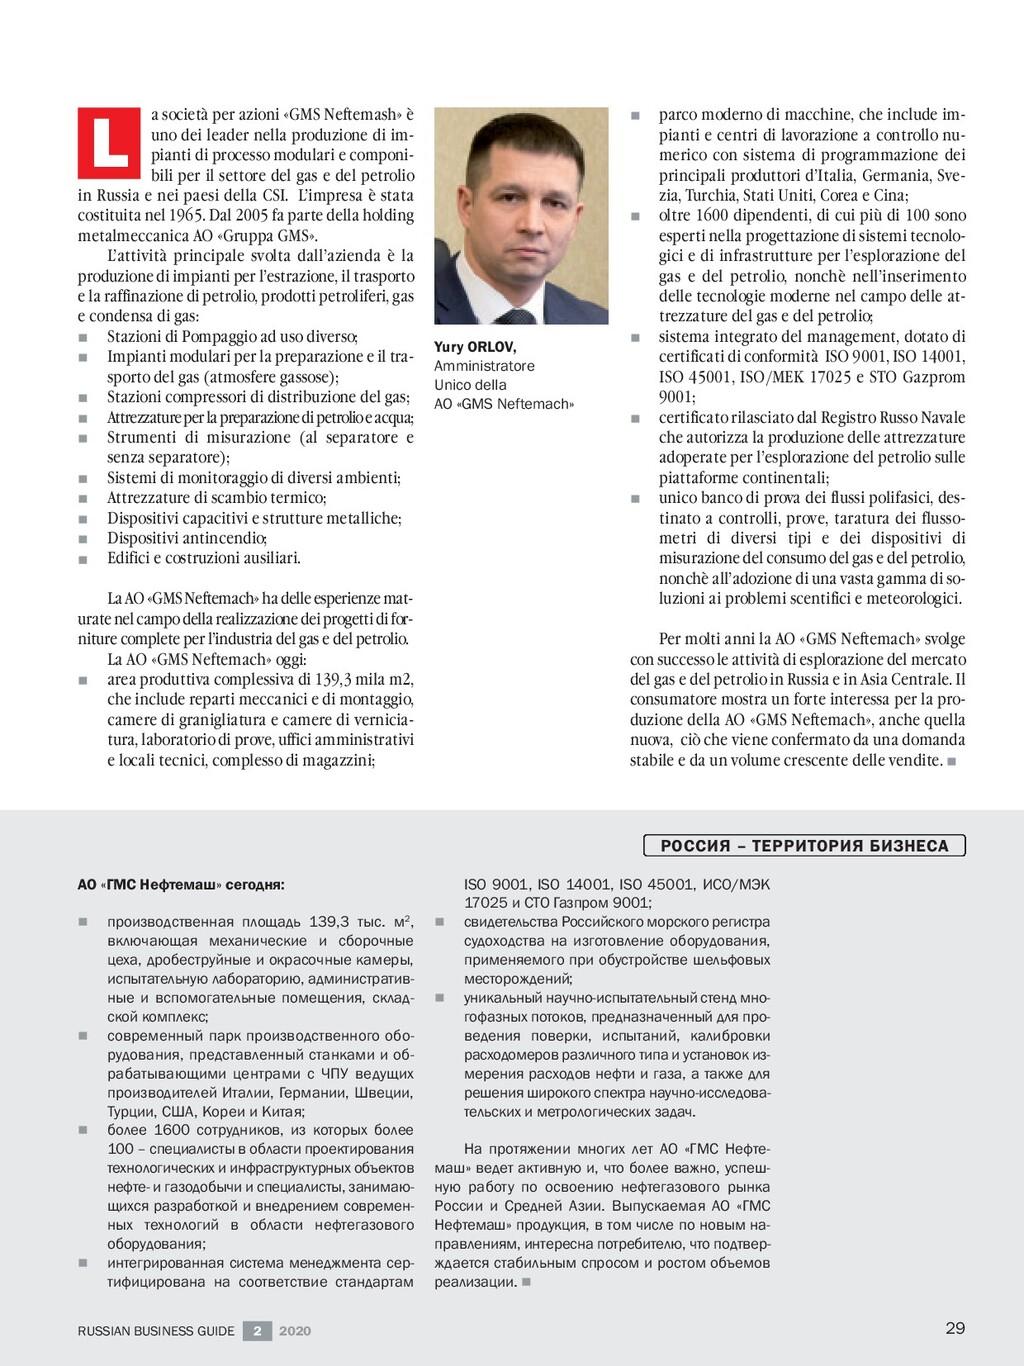 АО «ГМС Нефтемаш» сегодня: n производственная п...